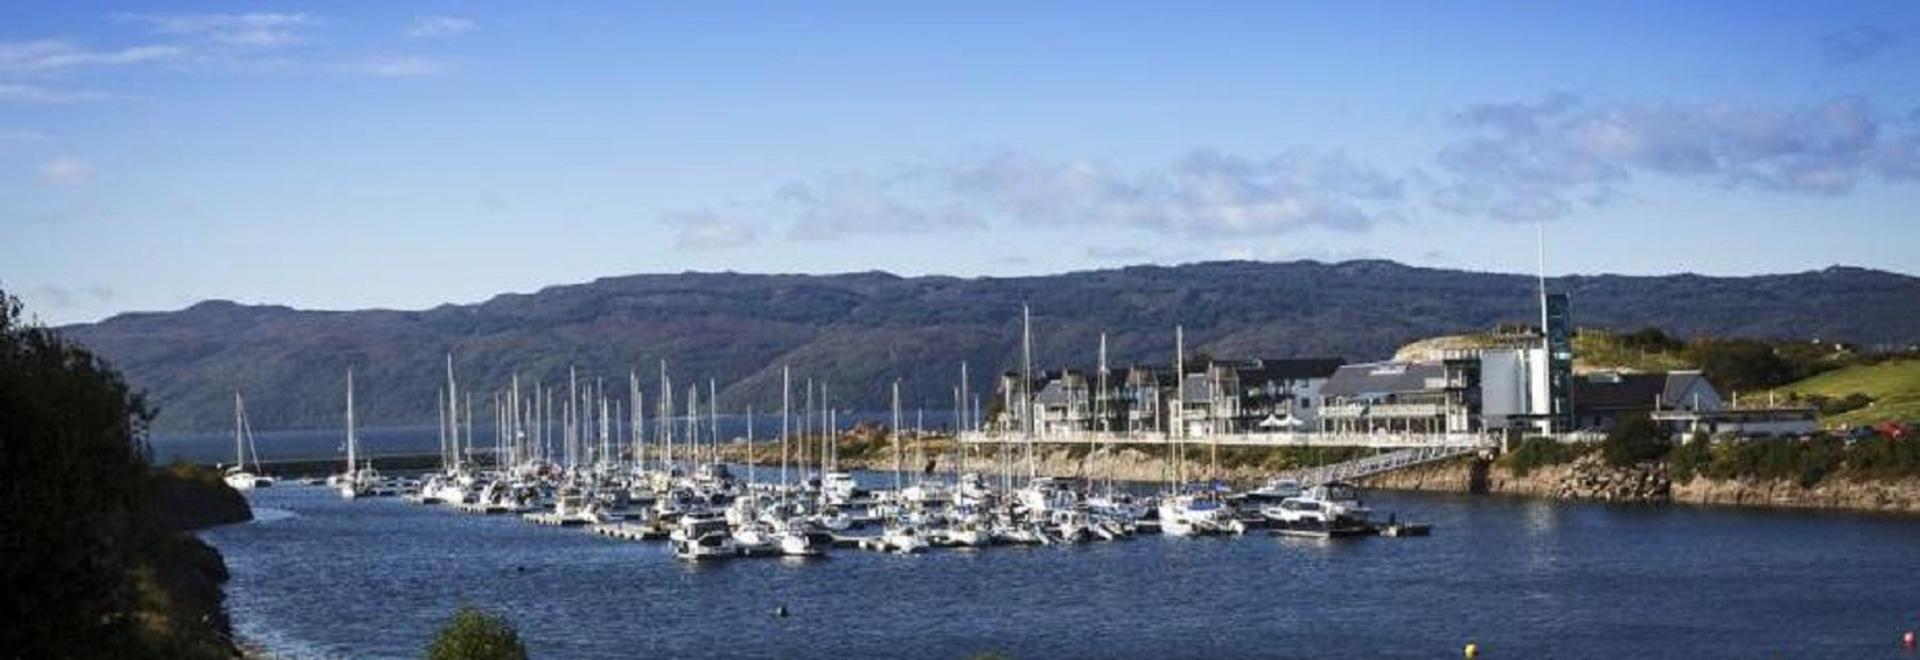 Solarpost solar accionó la iluminación de los bolardos instalados en el puerto deportivo de Portavadie, Argyll, Escocia